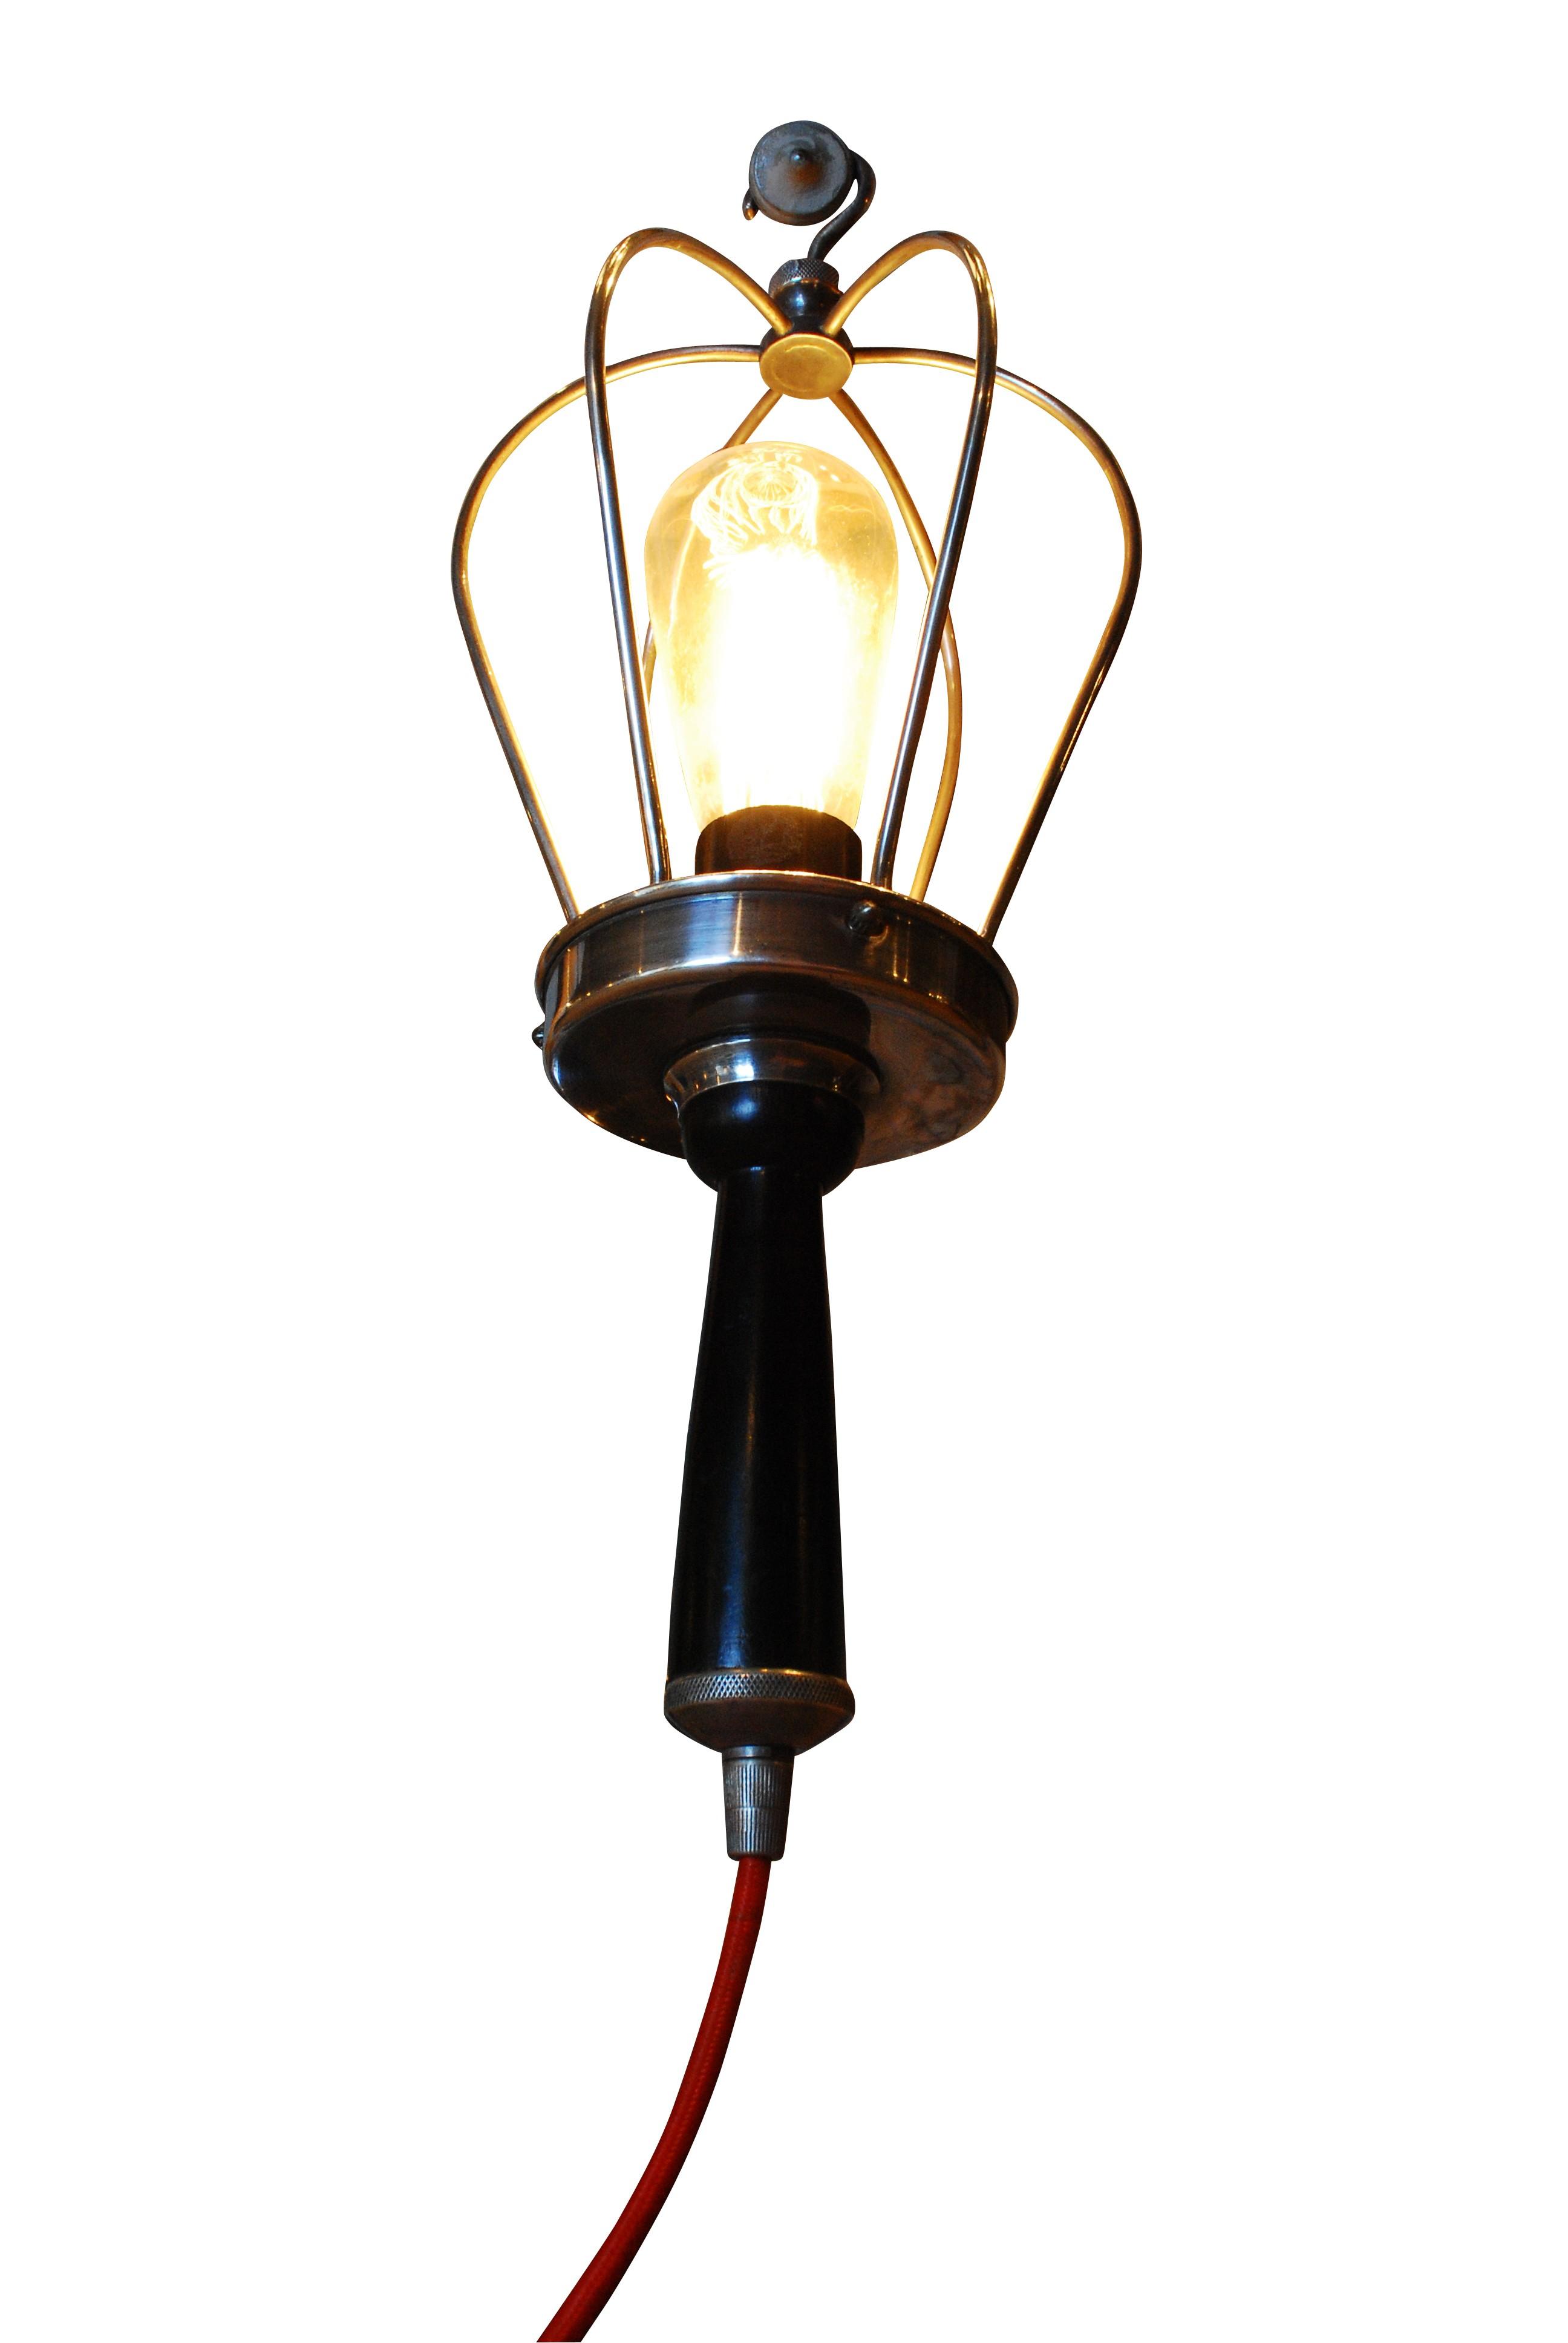 lampe baladeuse c ble rouge. Black Bedroom Furniture Sets. Home Design Ideas